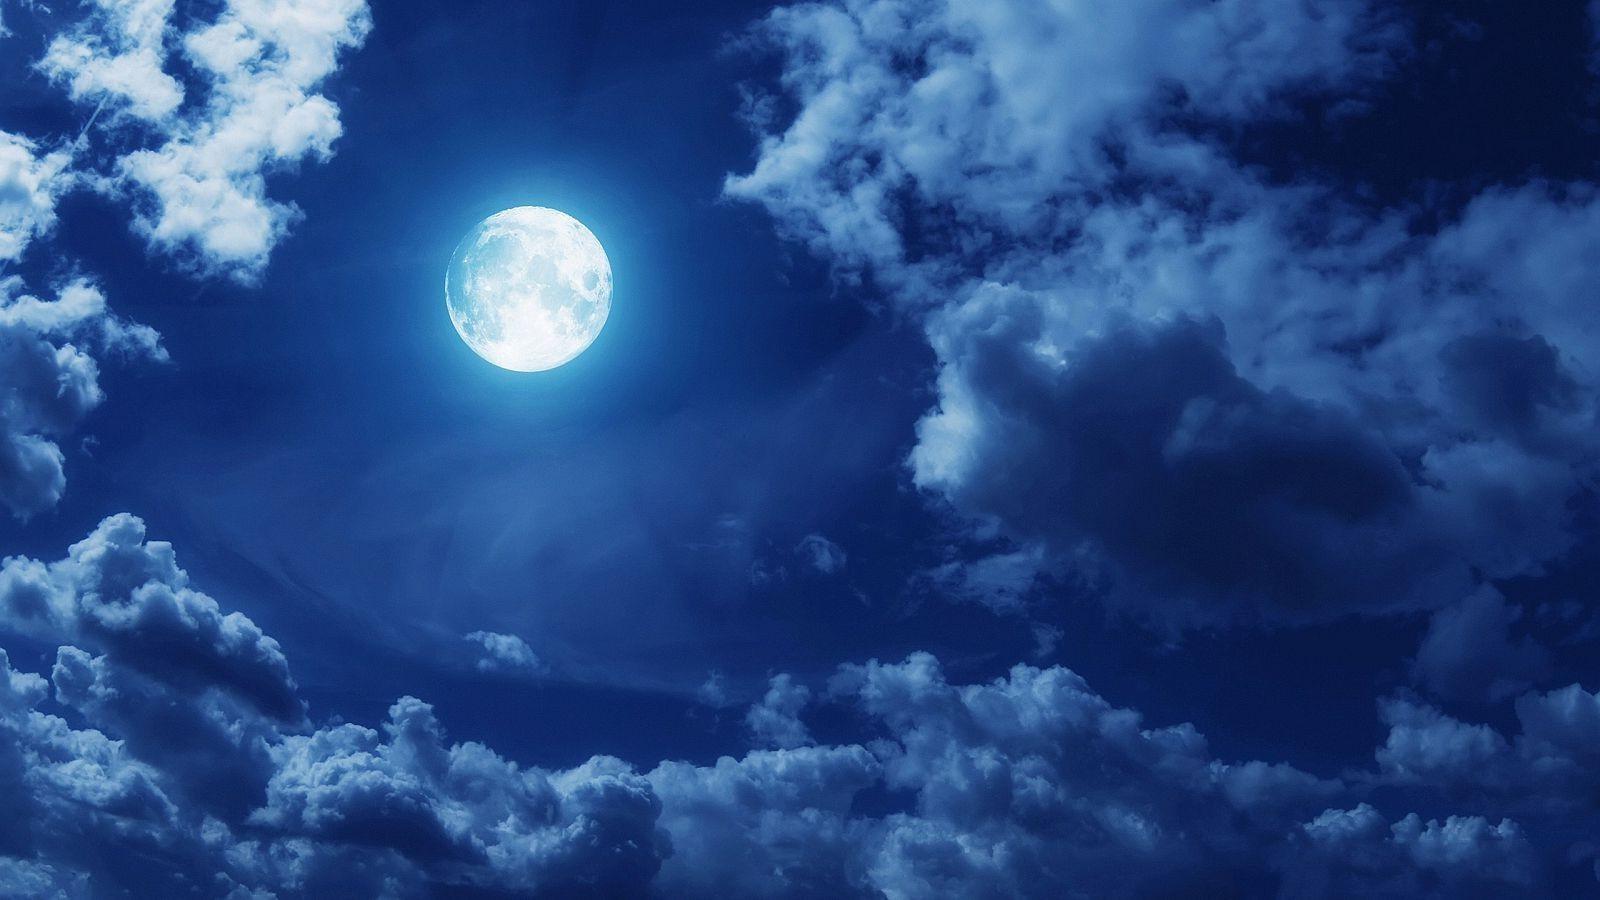 Hình ảnh mặt trăng sáng